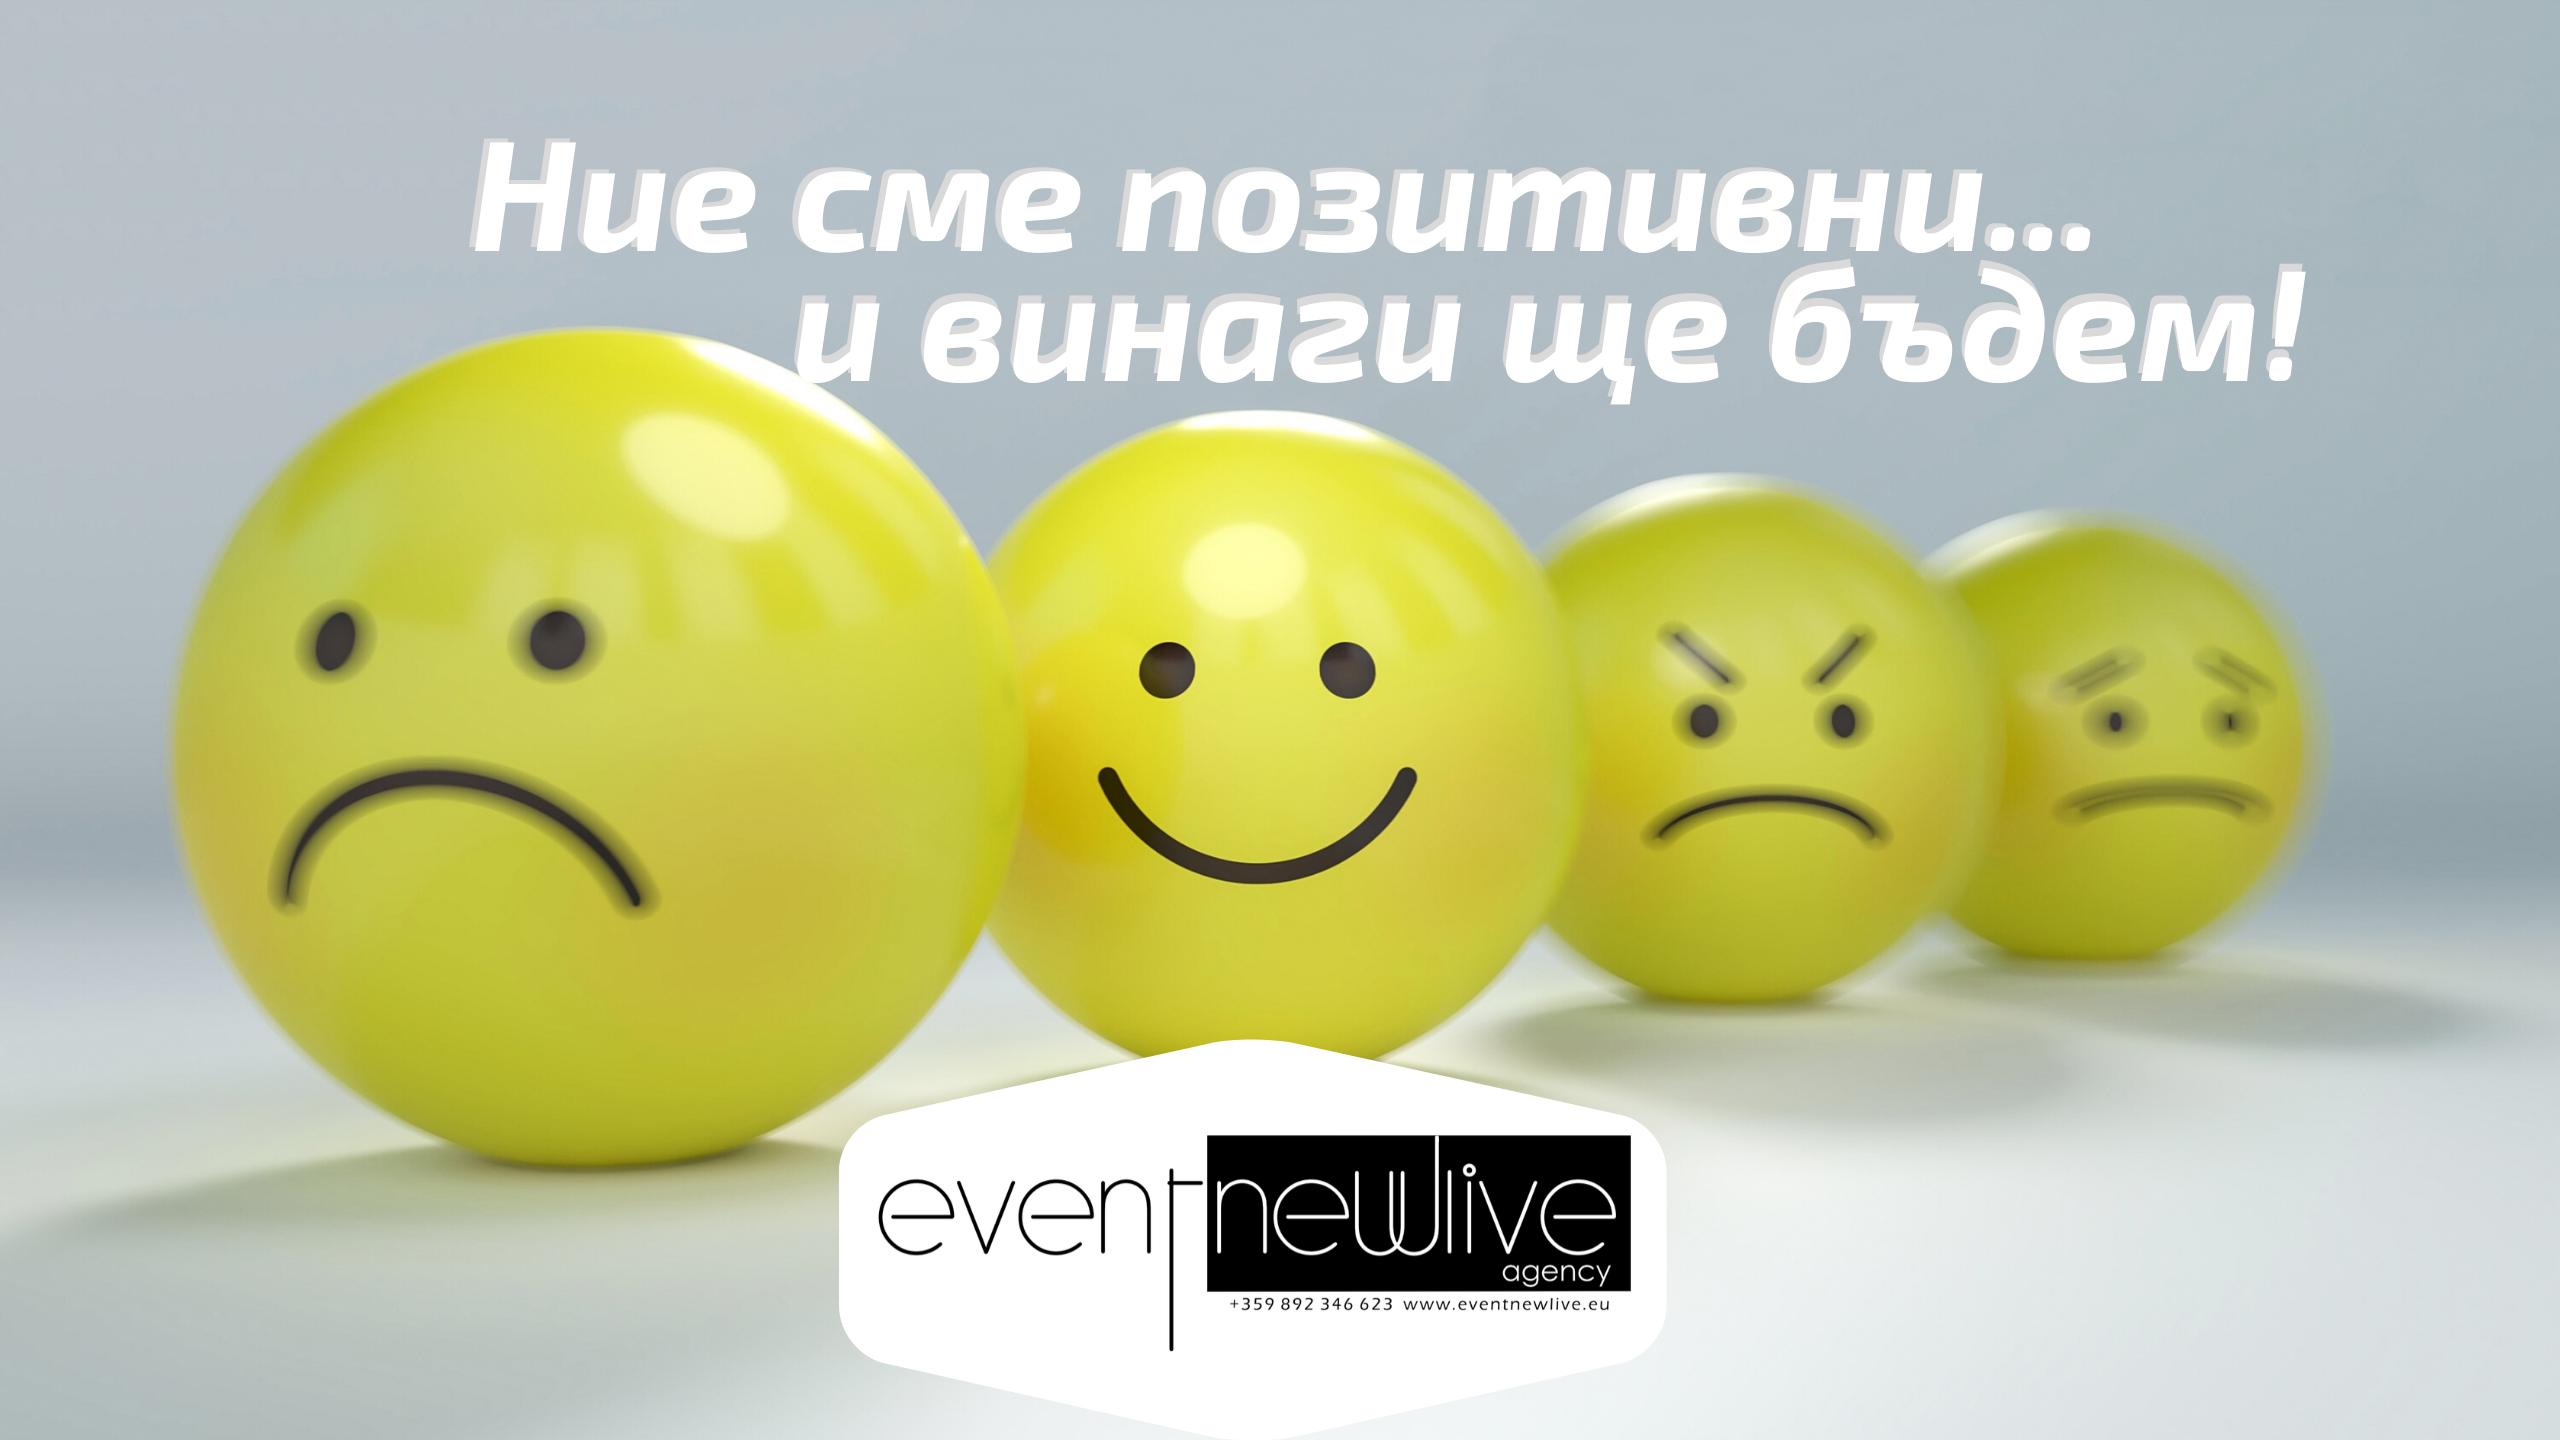 Ние сме позитивни и винаги ще бъдем! - Event NewLive Agency